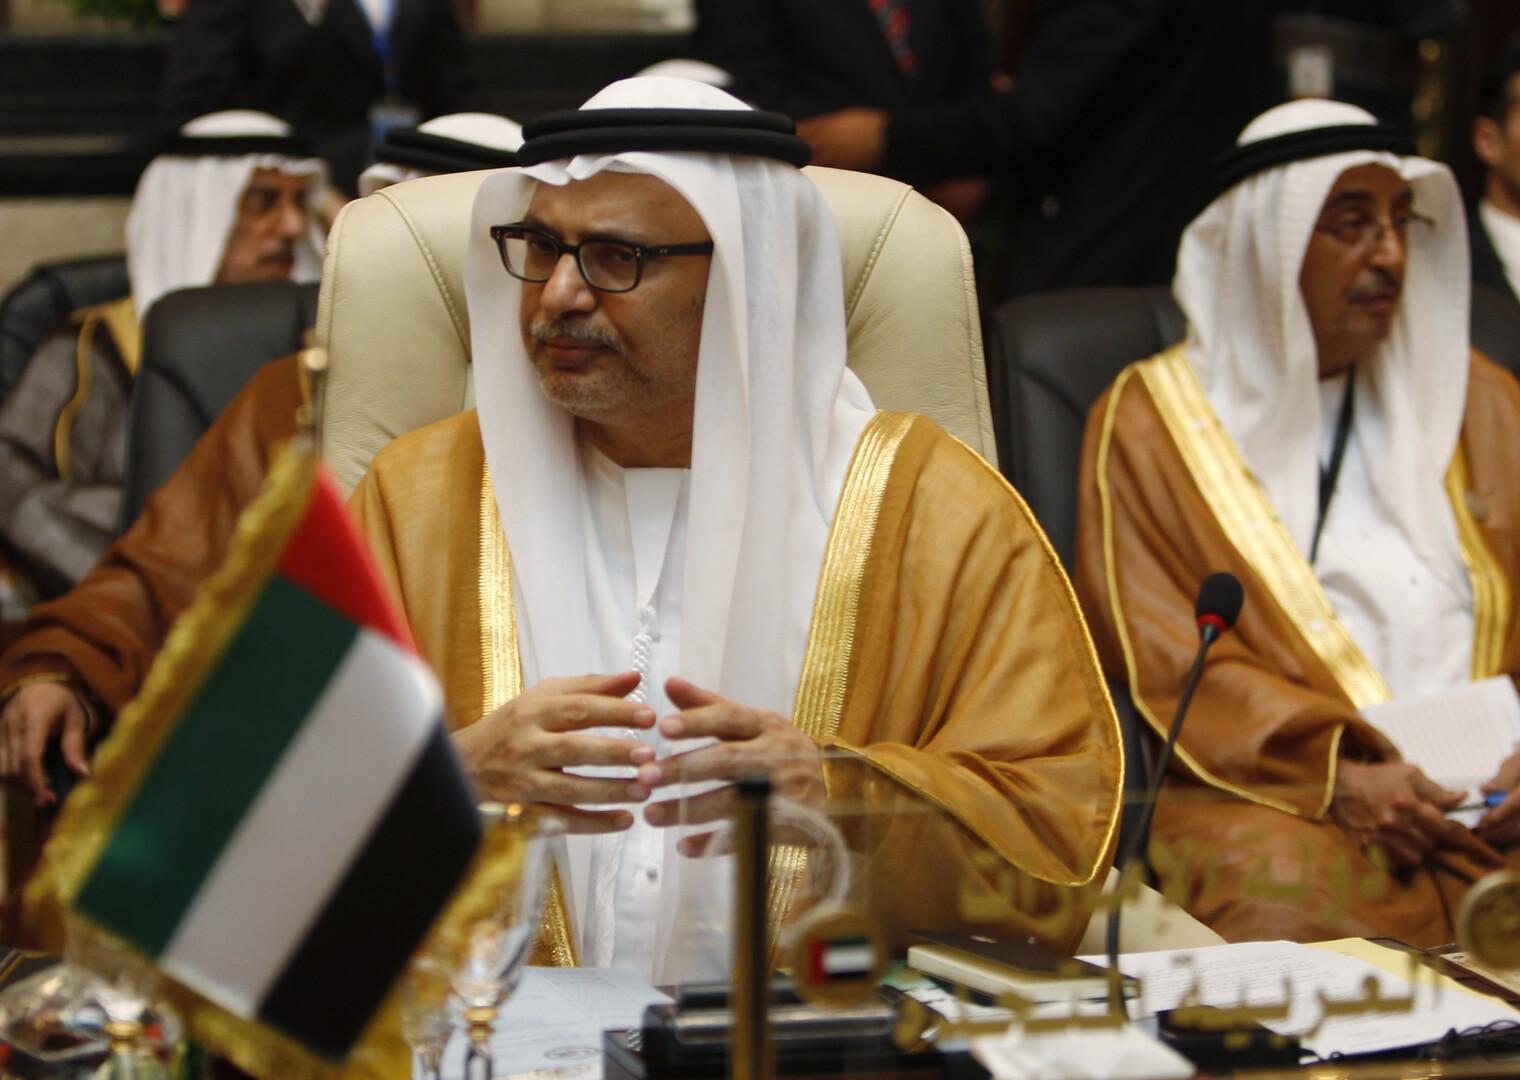 أنور قرقاش، وزير الدولة الإماراتي للشؤون الخارجية